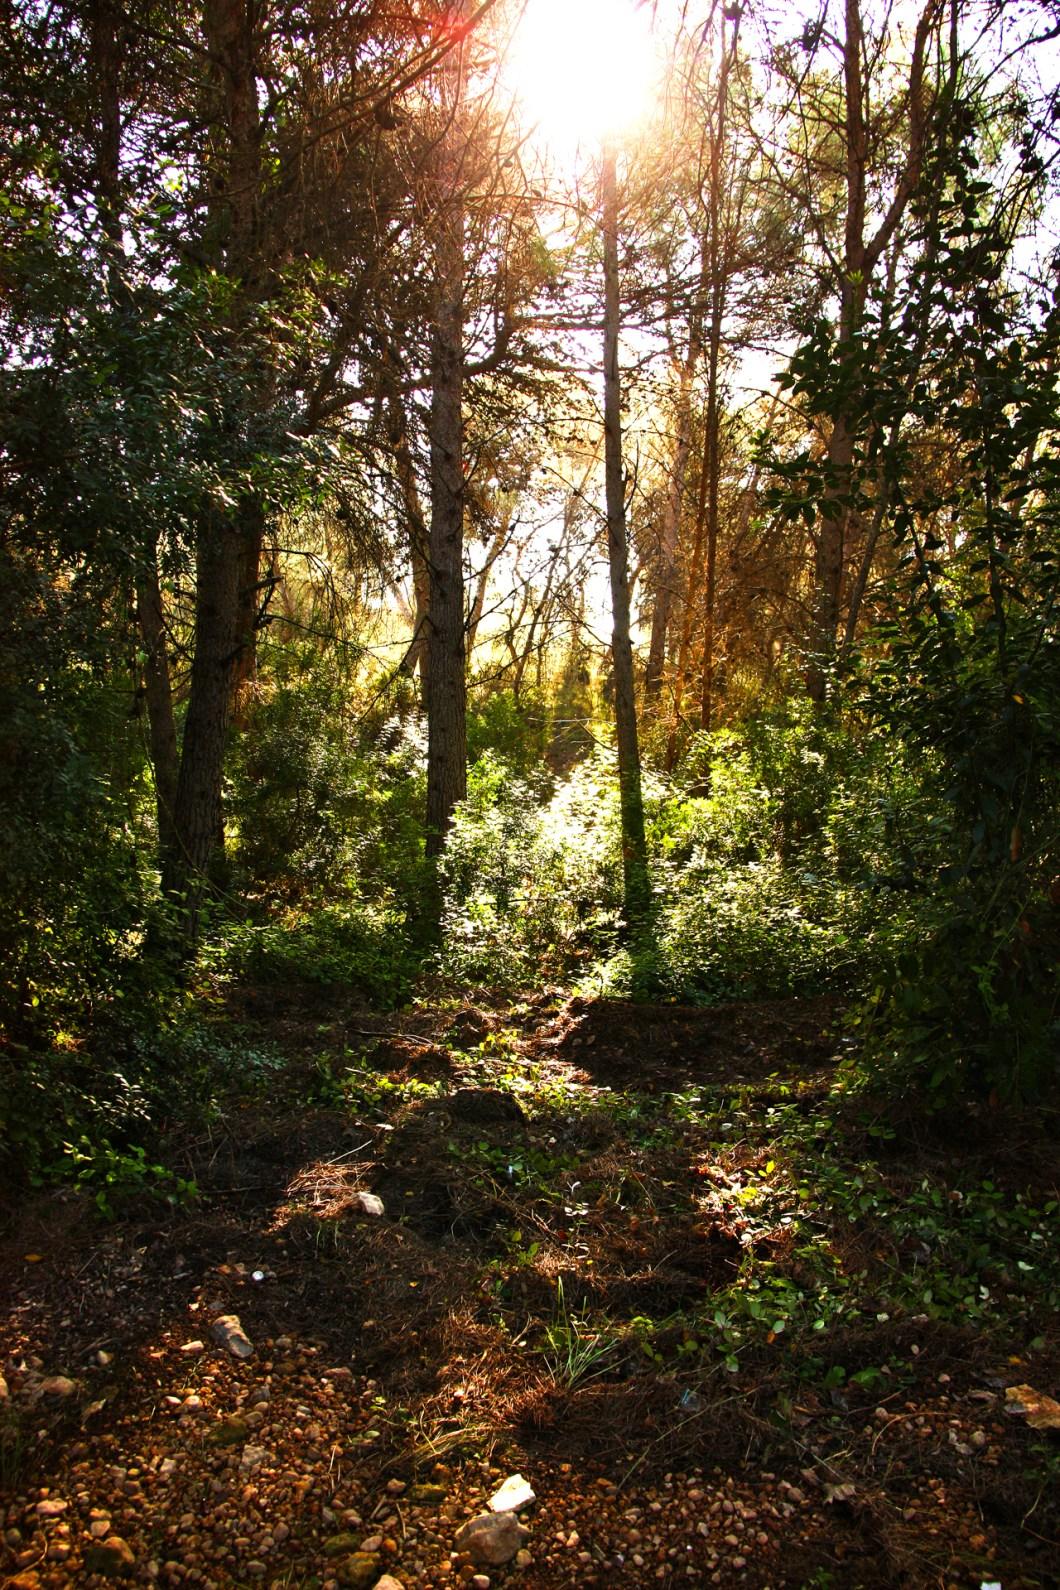 Imagen gratis de un árboles de un bosque con el sol de fondo